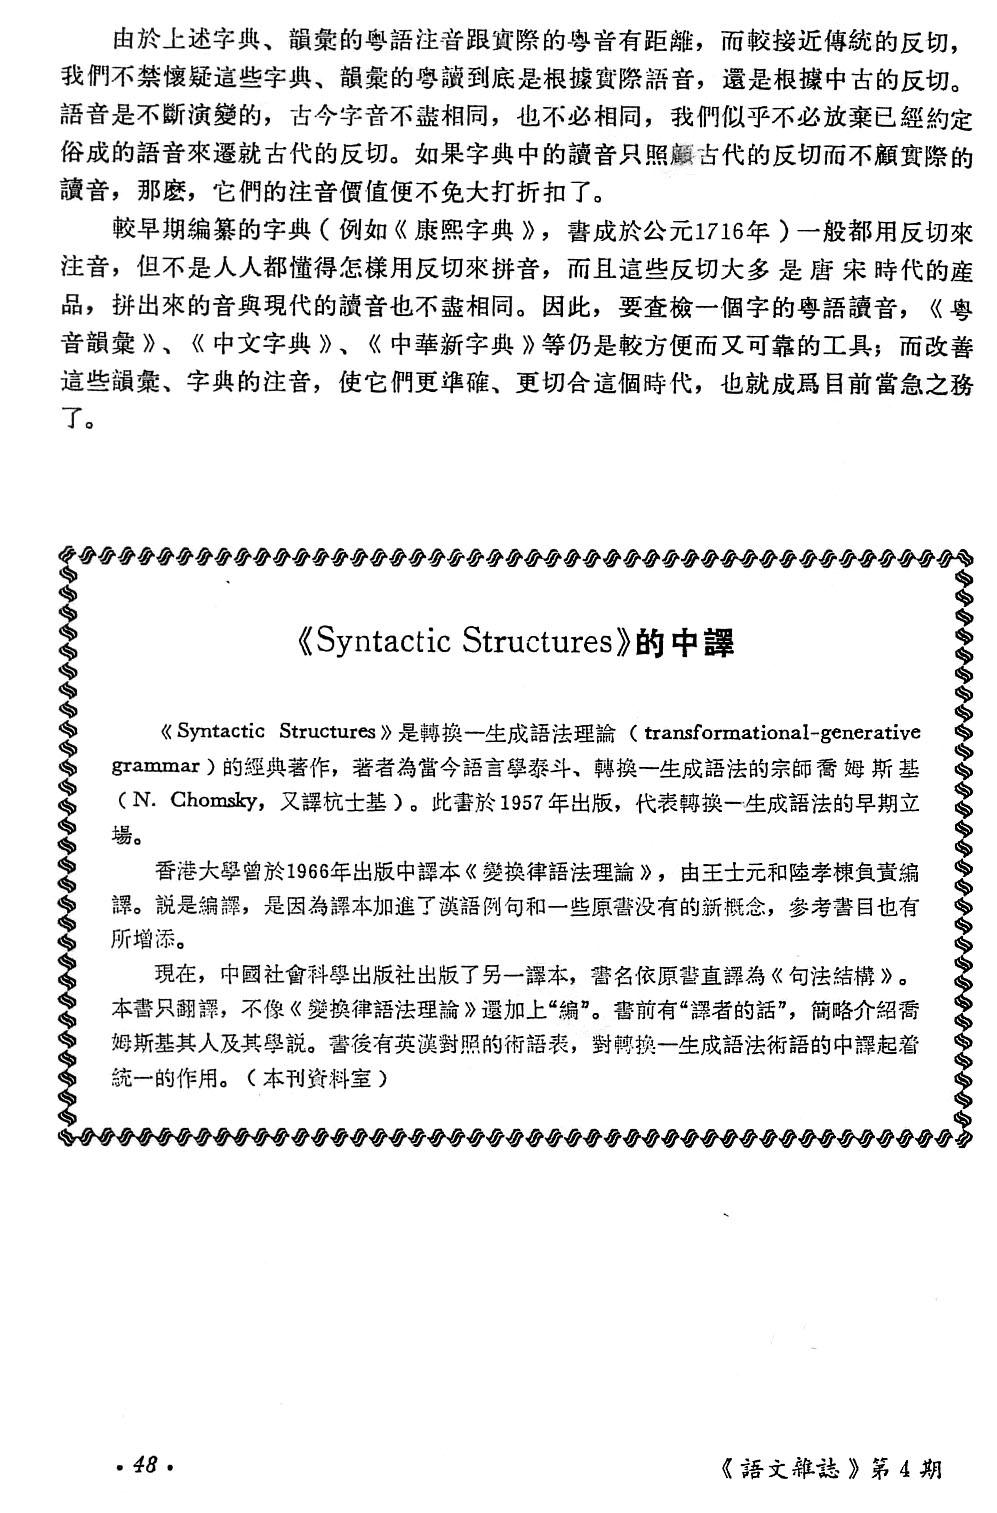 參考資料-《粵音韻彙》,《中文字典》,《中華新字典》中一些與香港通行的實際粵音有距離的粵語注音 ...